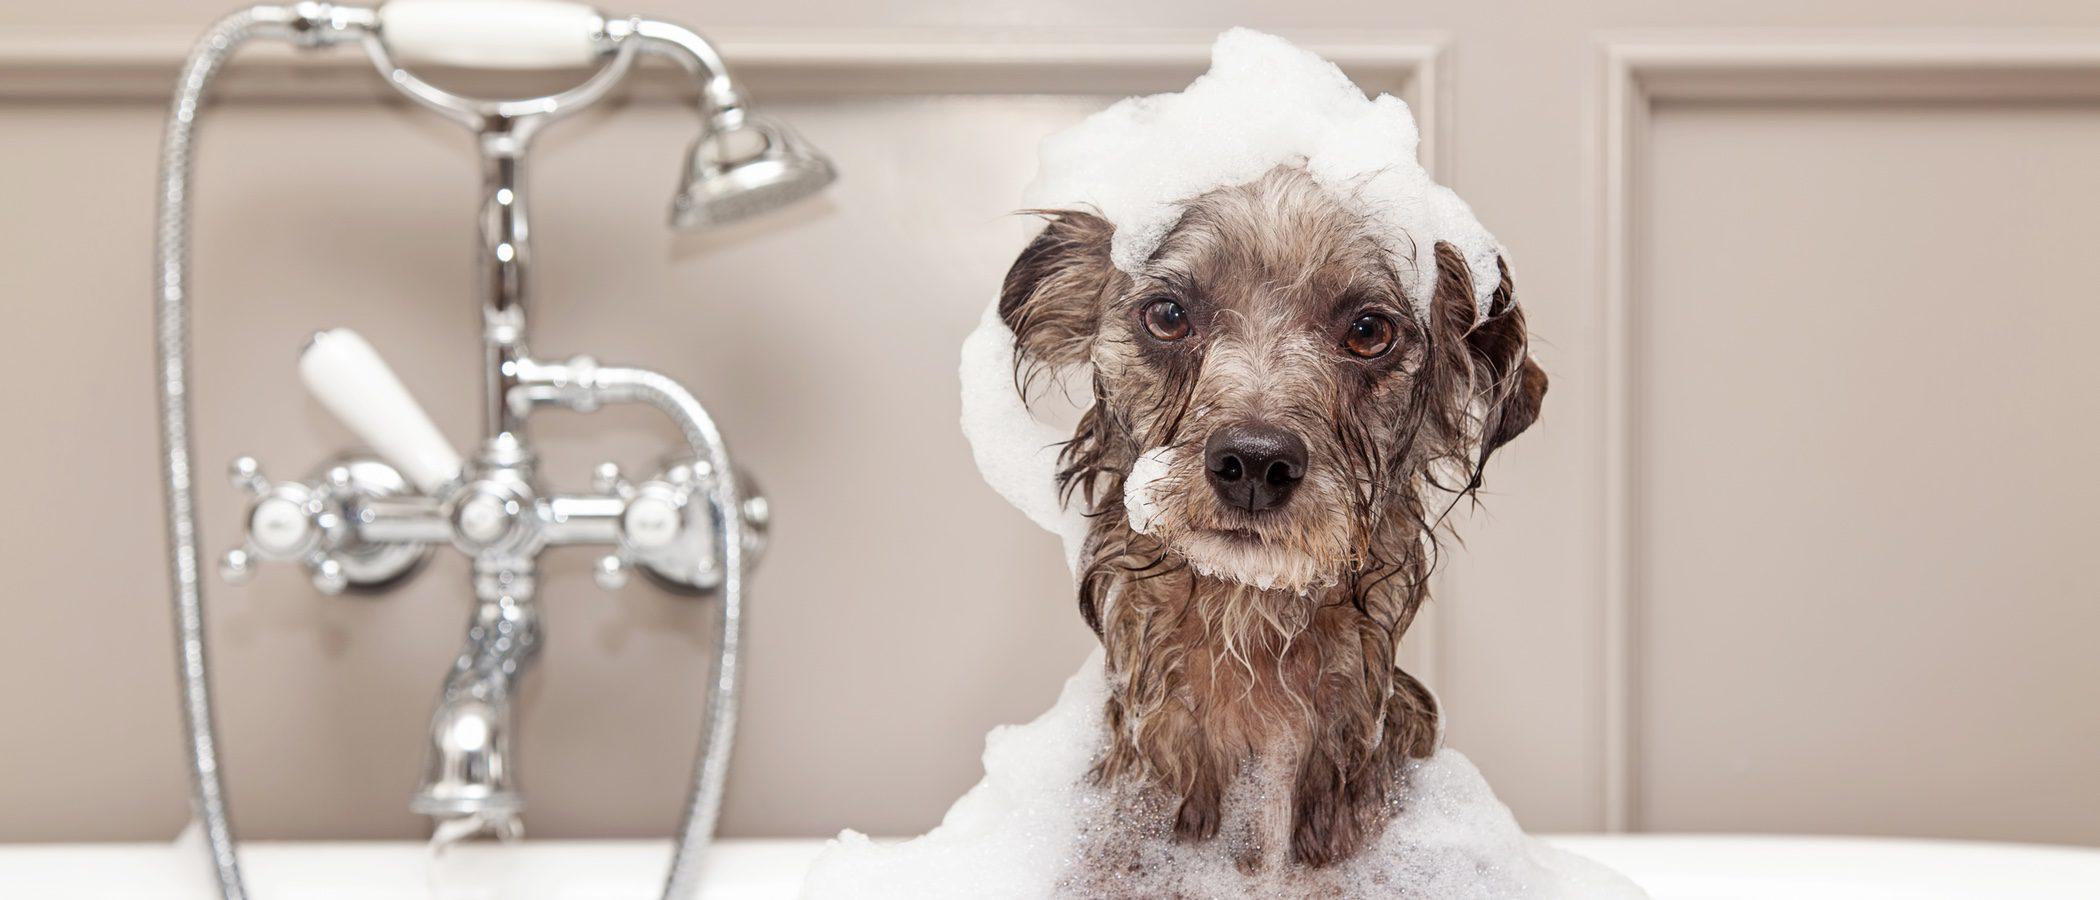 9 mitos sobre el baño de los perros